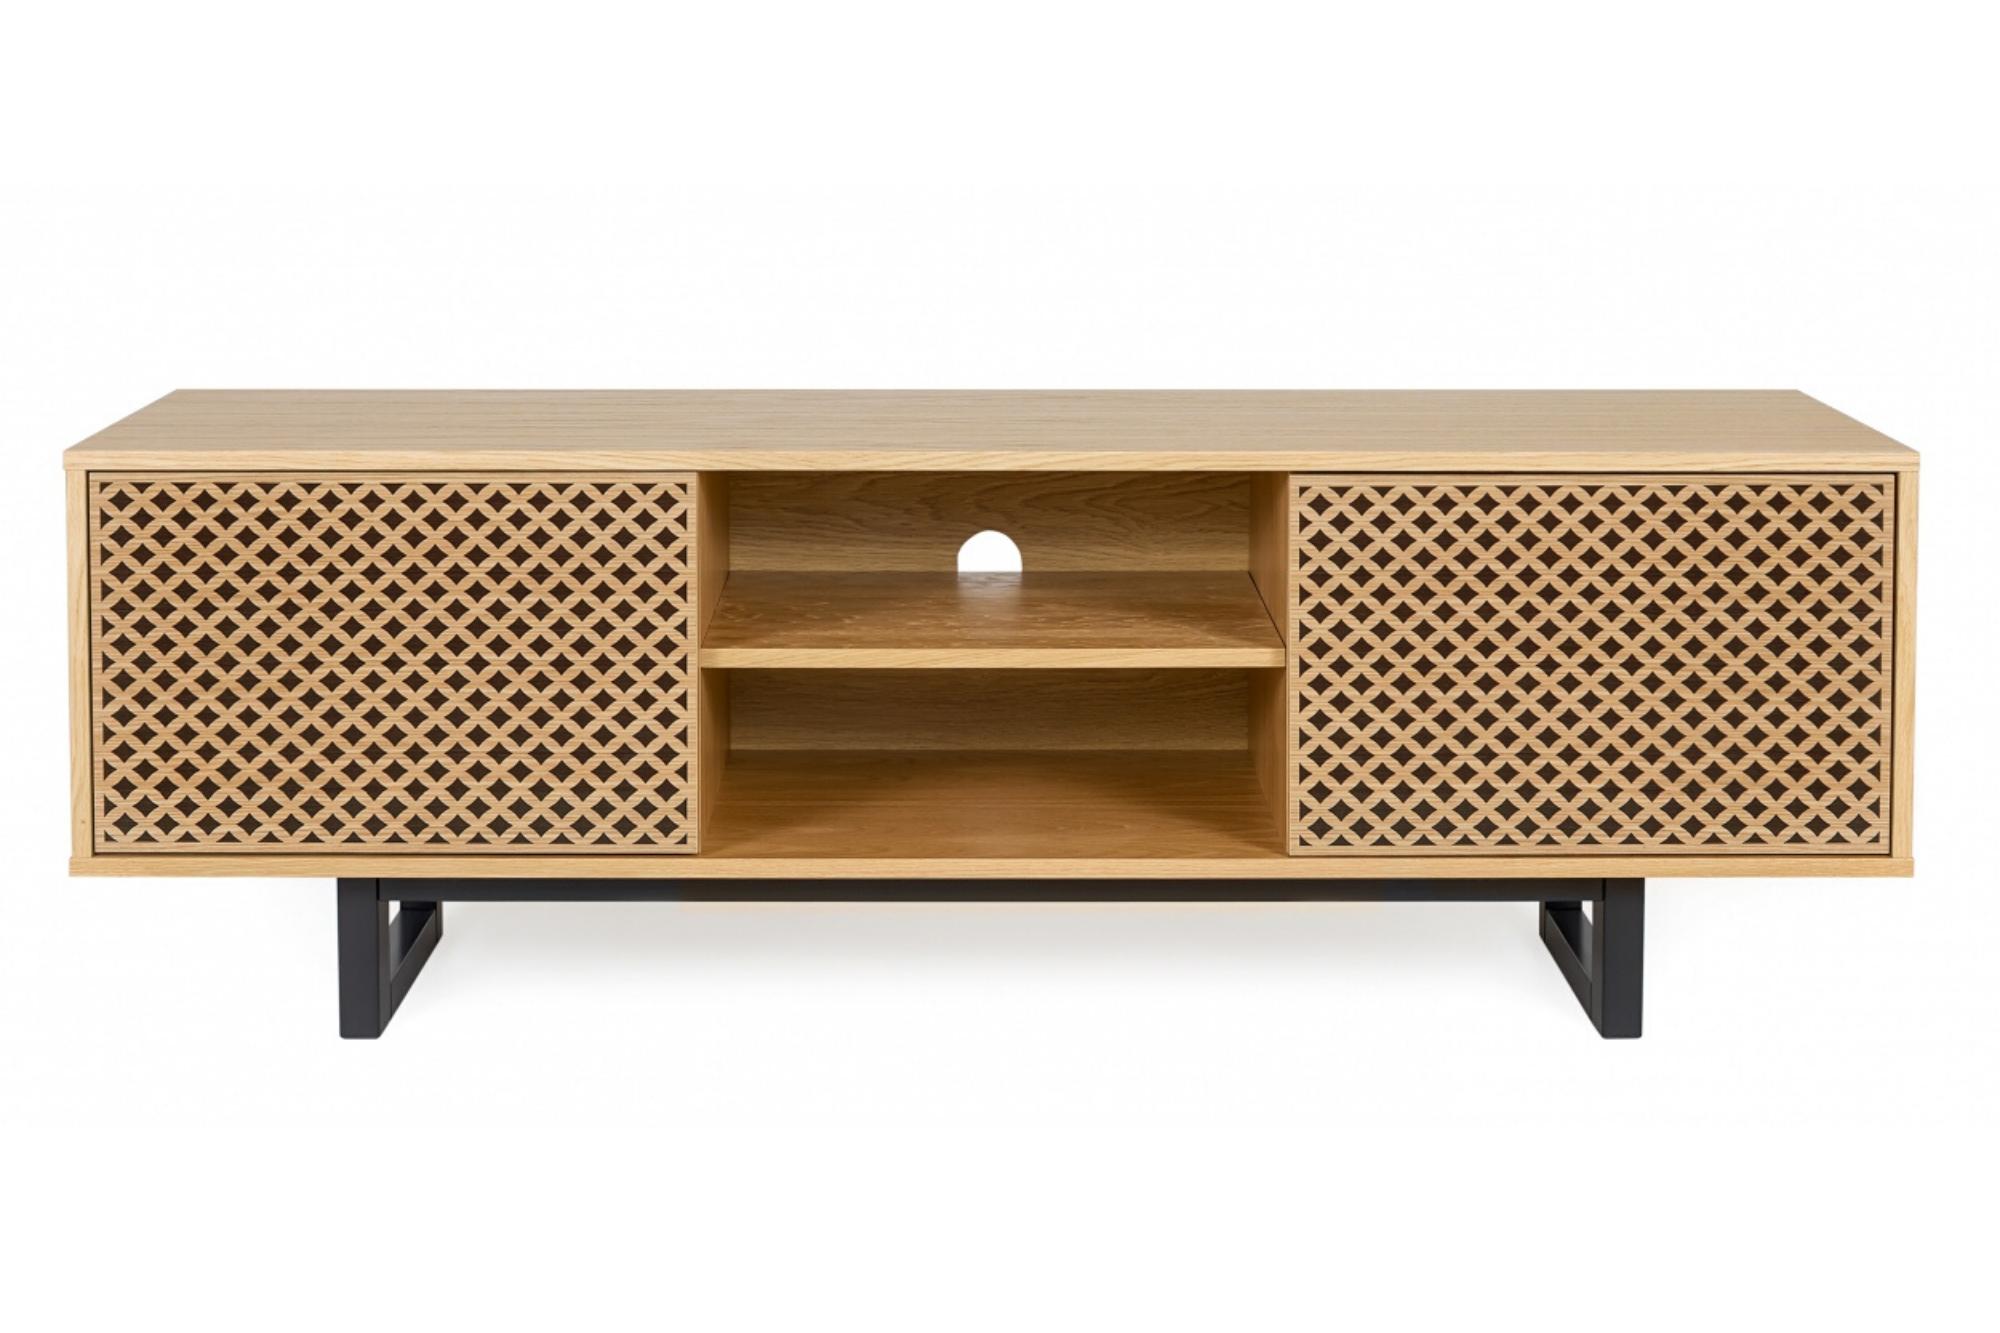 meuble tv scandinave en bois 2 portes et 1 niche centrale